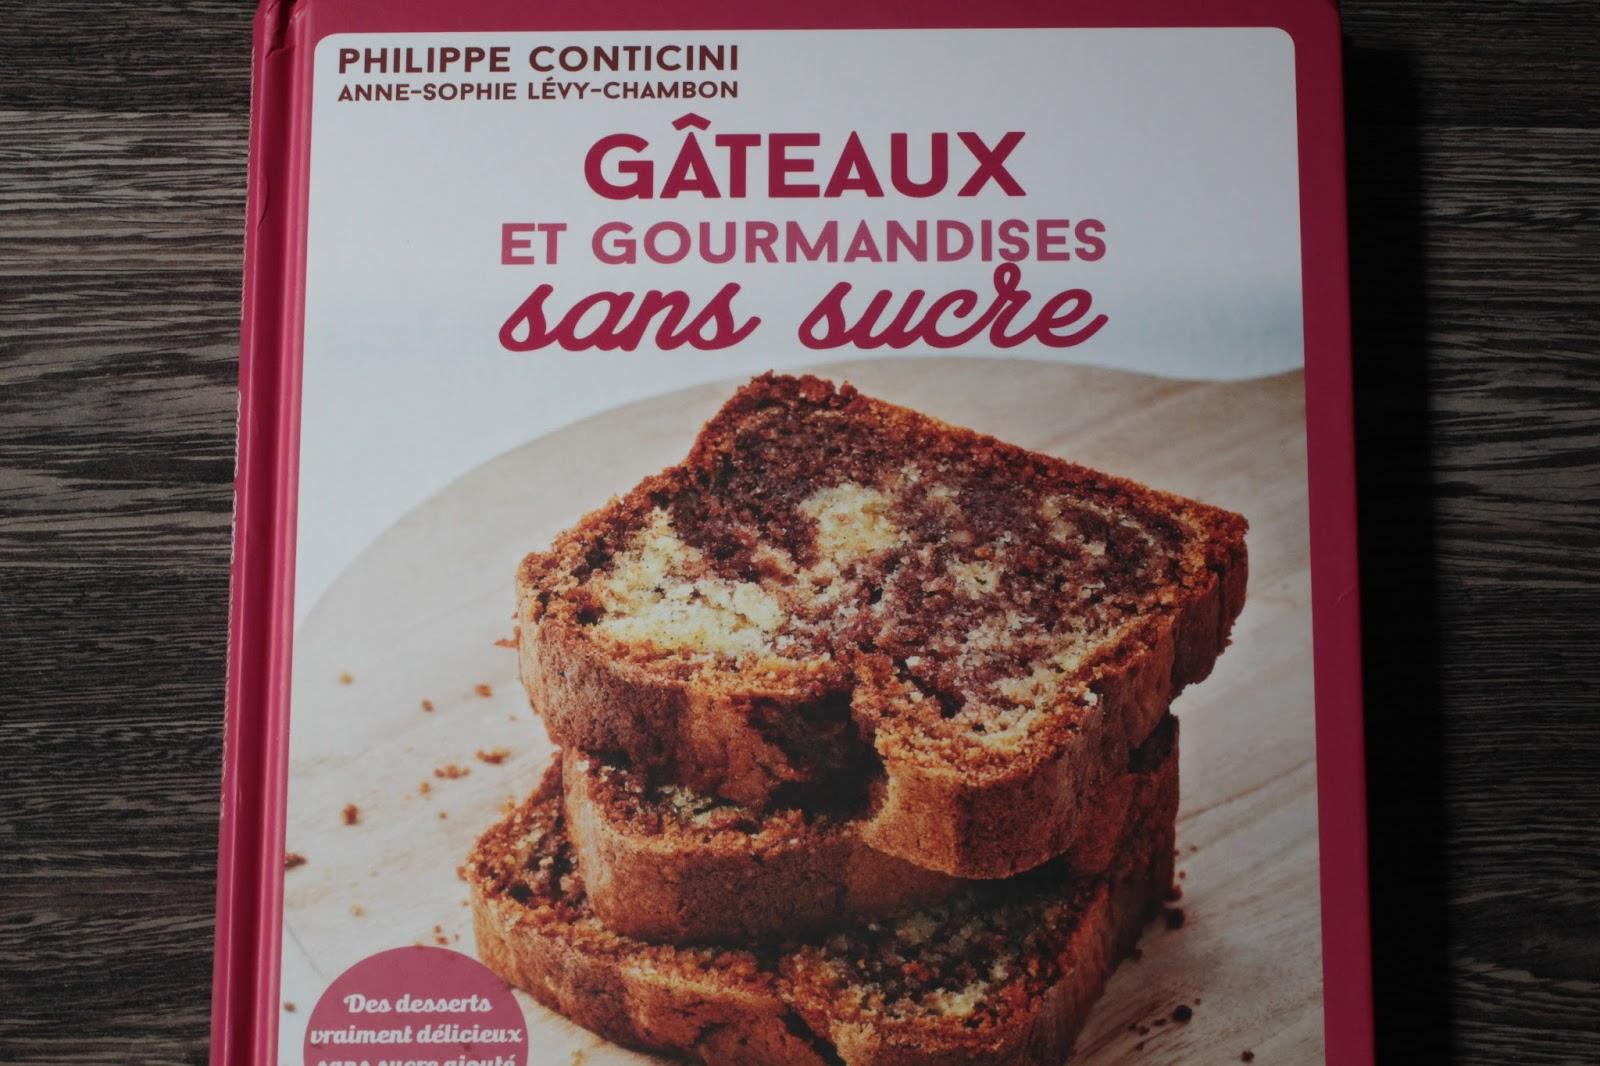 Gâteau à la noisette sans sucre de Conticini